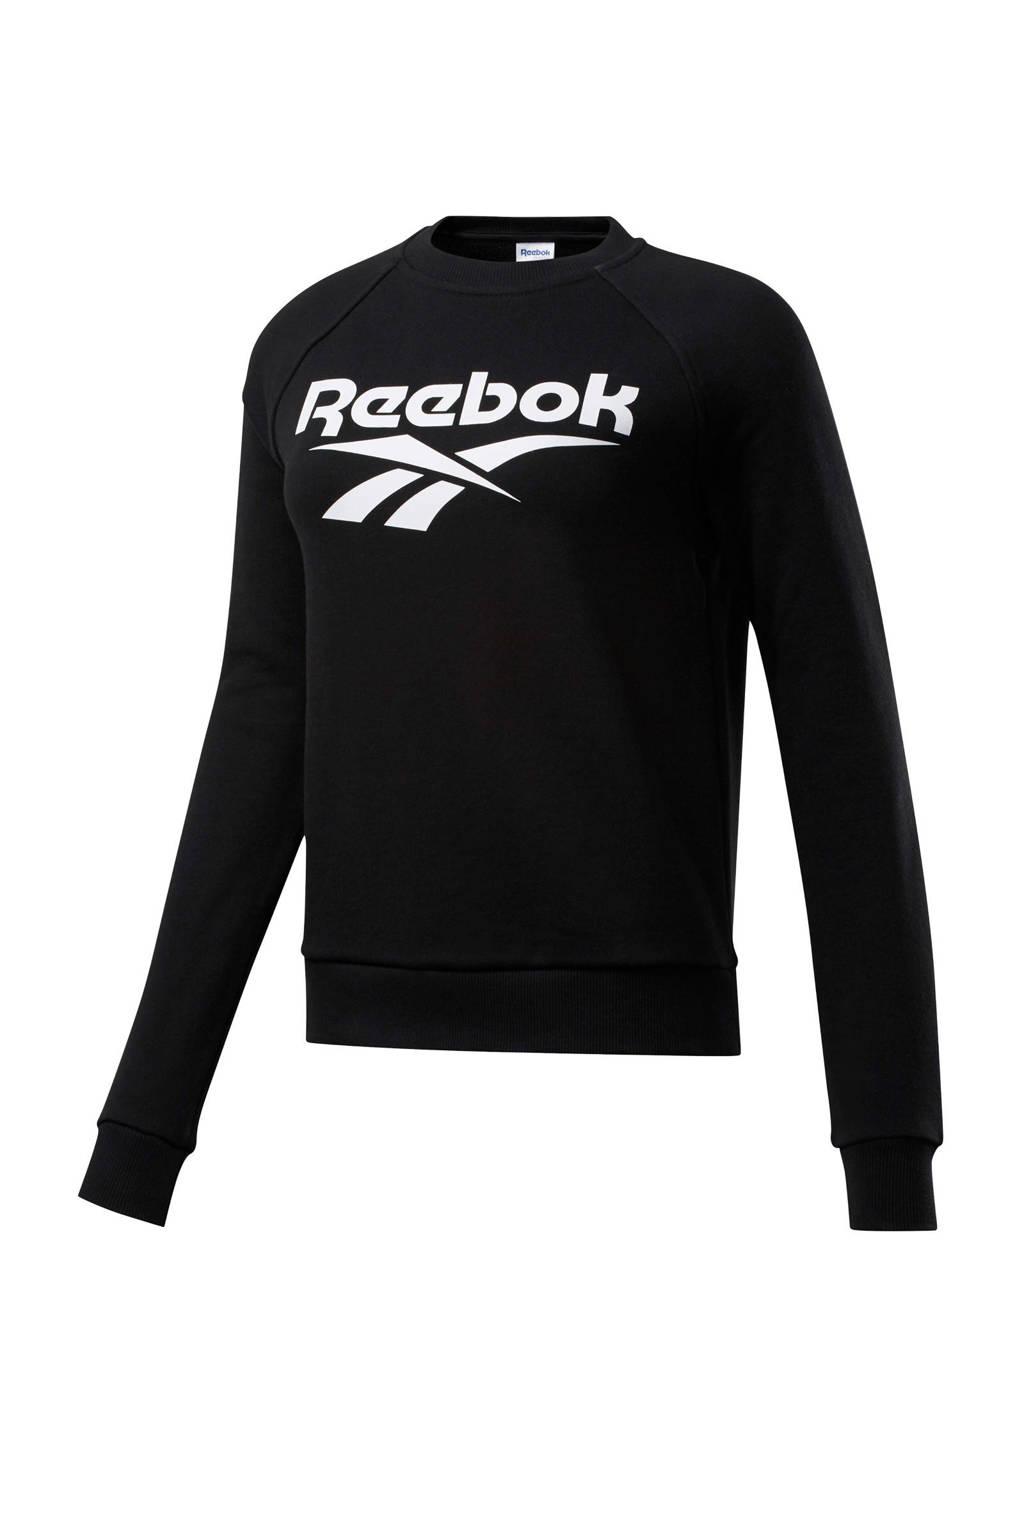 Reebok Classics sweater zwart, Zwart